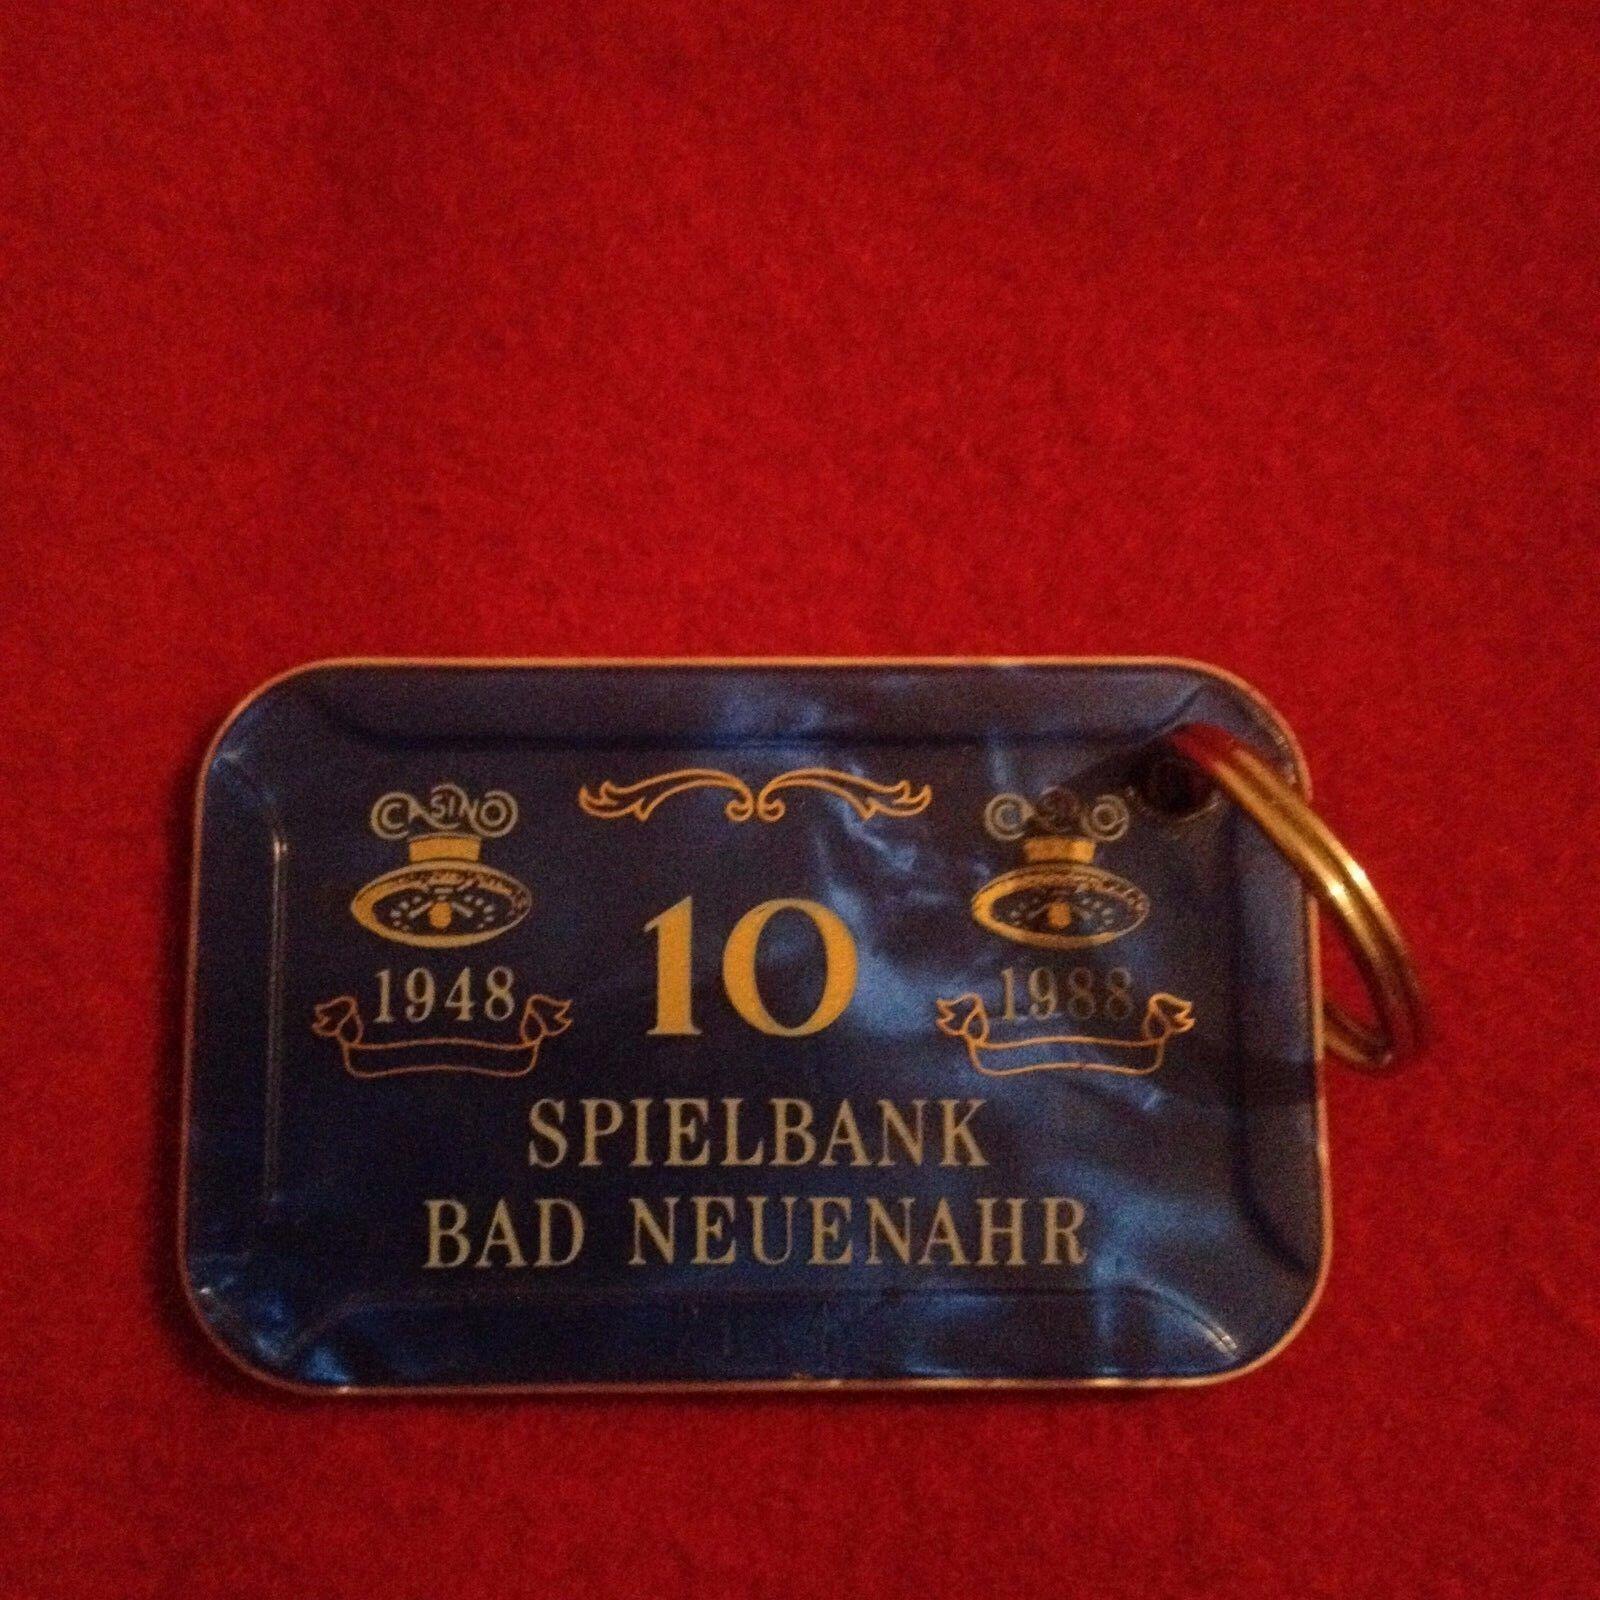 Spielbank Plaque Casino BAD NEUENAHR 1948 - 1988 Aufdruck  10 Jeton Chip Spiel